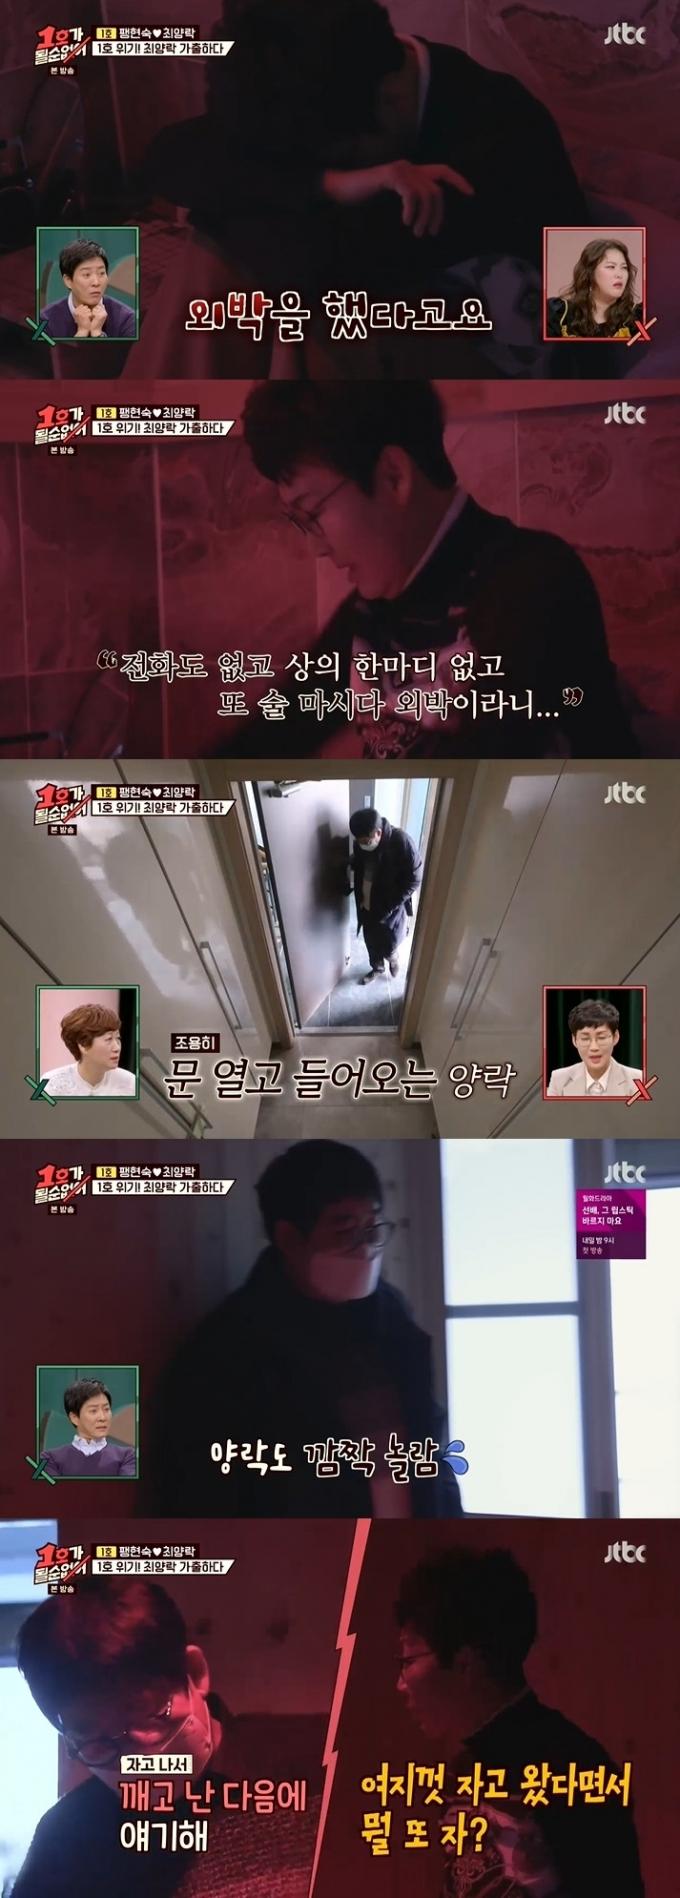 JTBC 방송 화면 갈무리 © 뉴스1